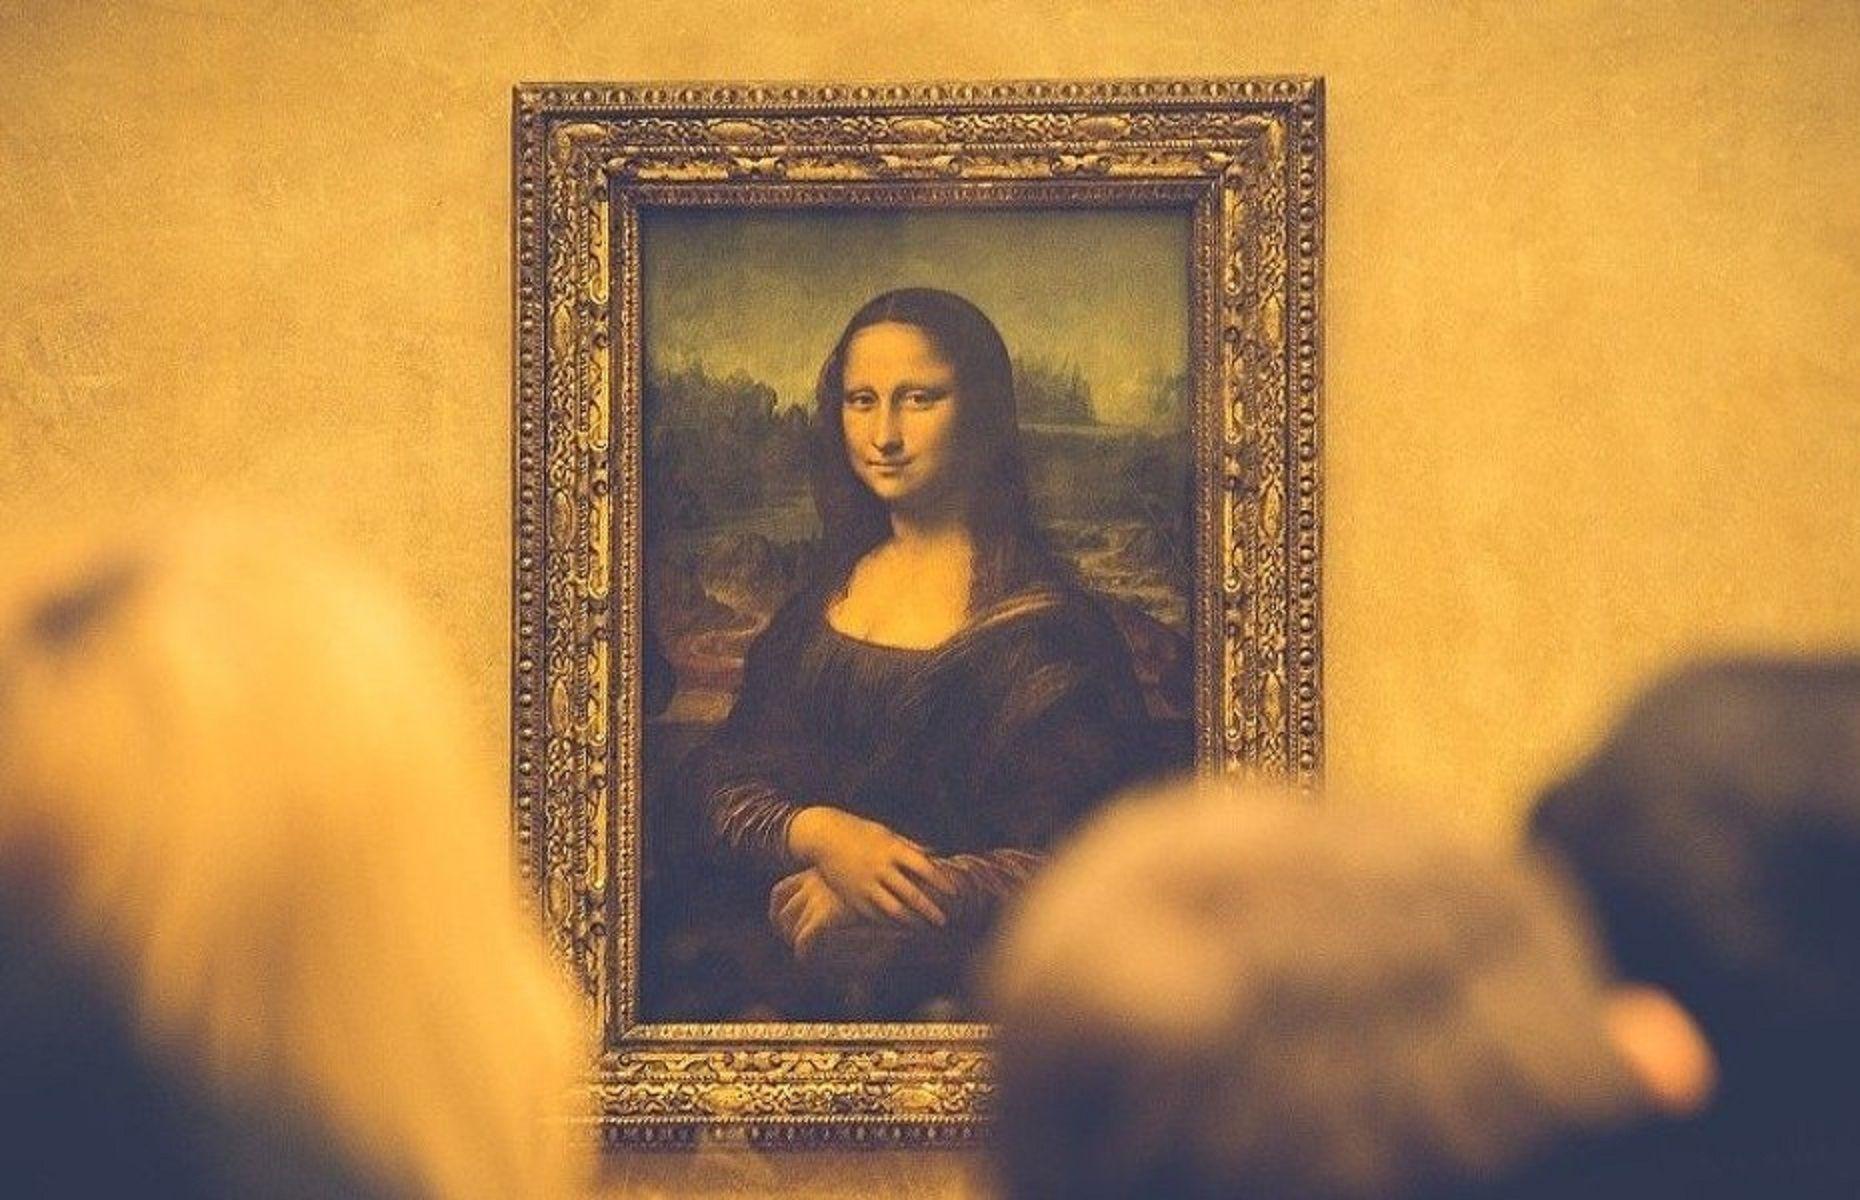 Un estudio determinó que la sonrisa de la Mona Lisa podría ser falsa